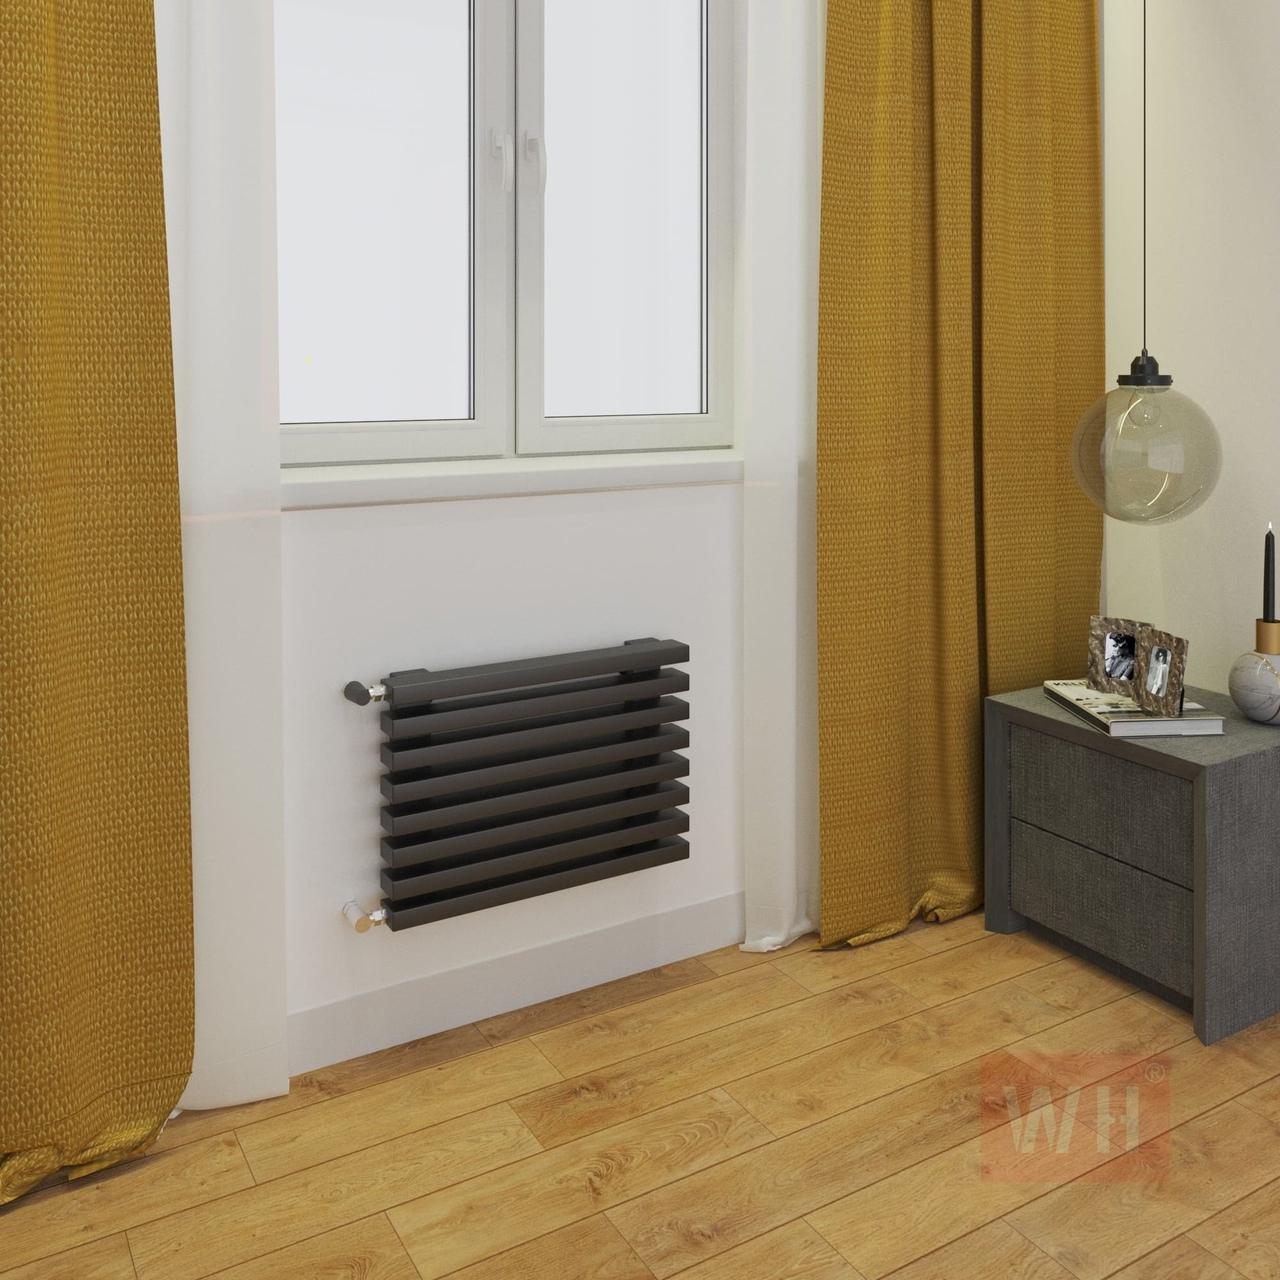 Стальной трубчатый вертикальный радиатор WH Steel V